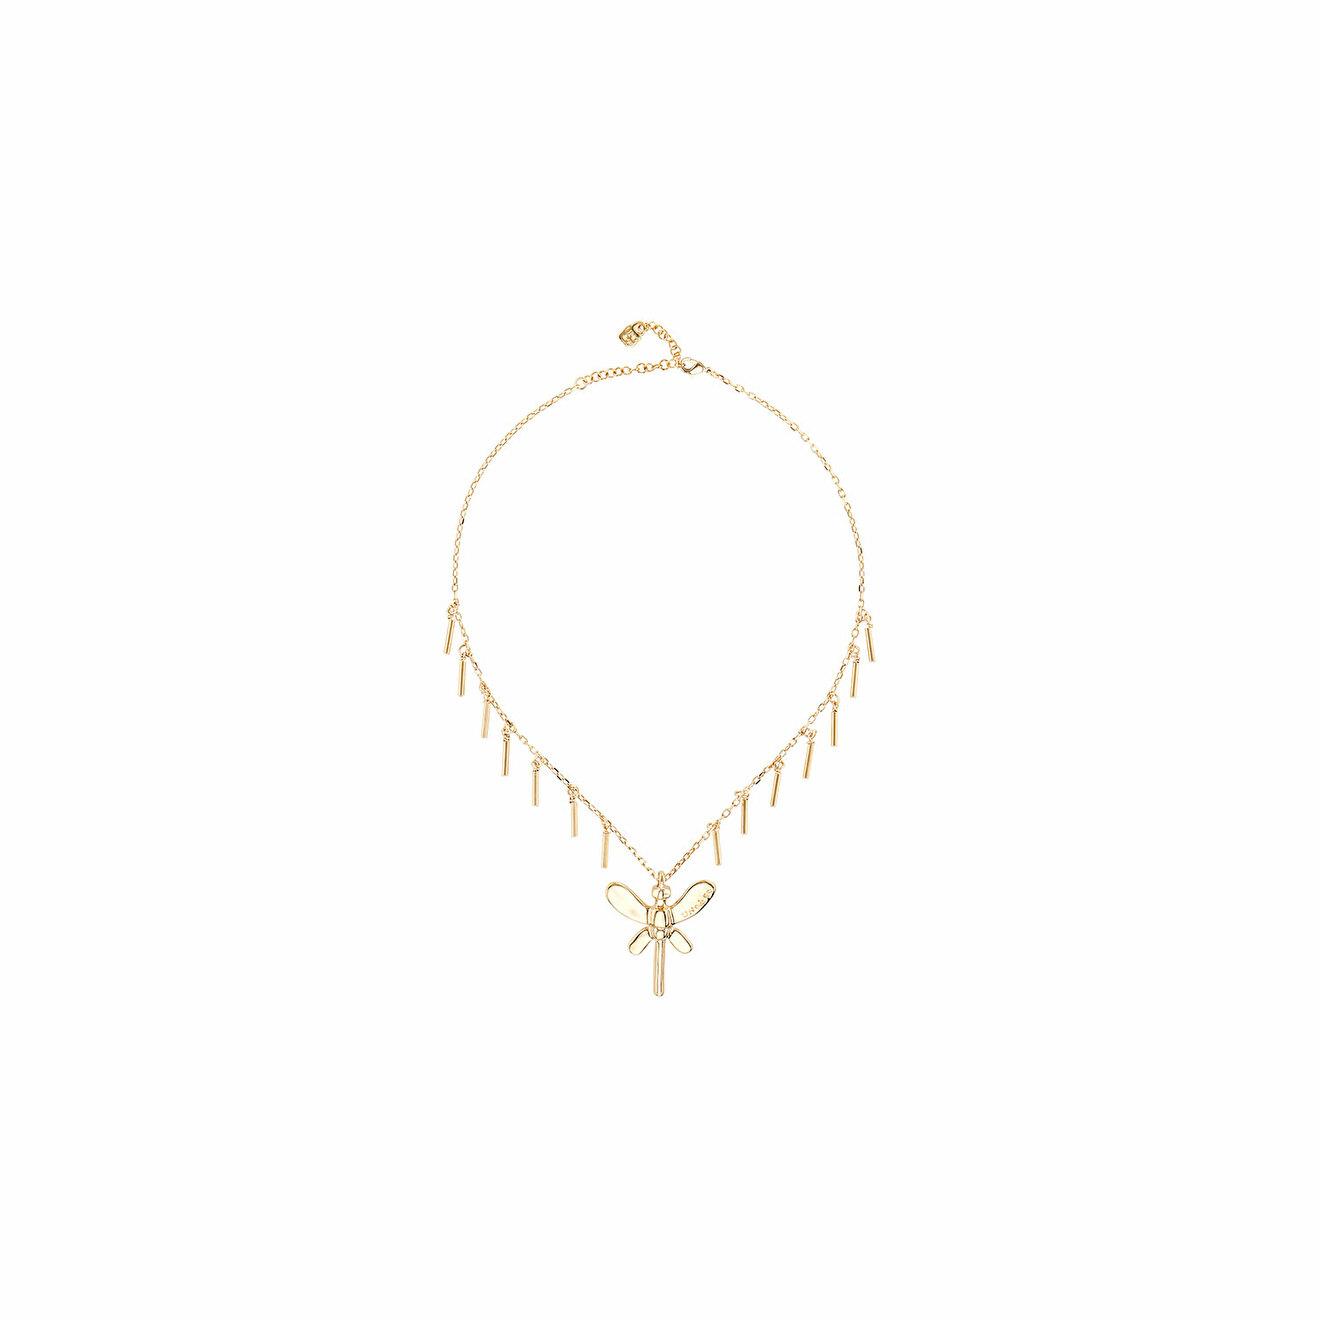 Unode50 Позолоченное короткое ожерелье с бахромой и подвеской-бабочкой Just Be